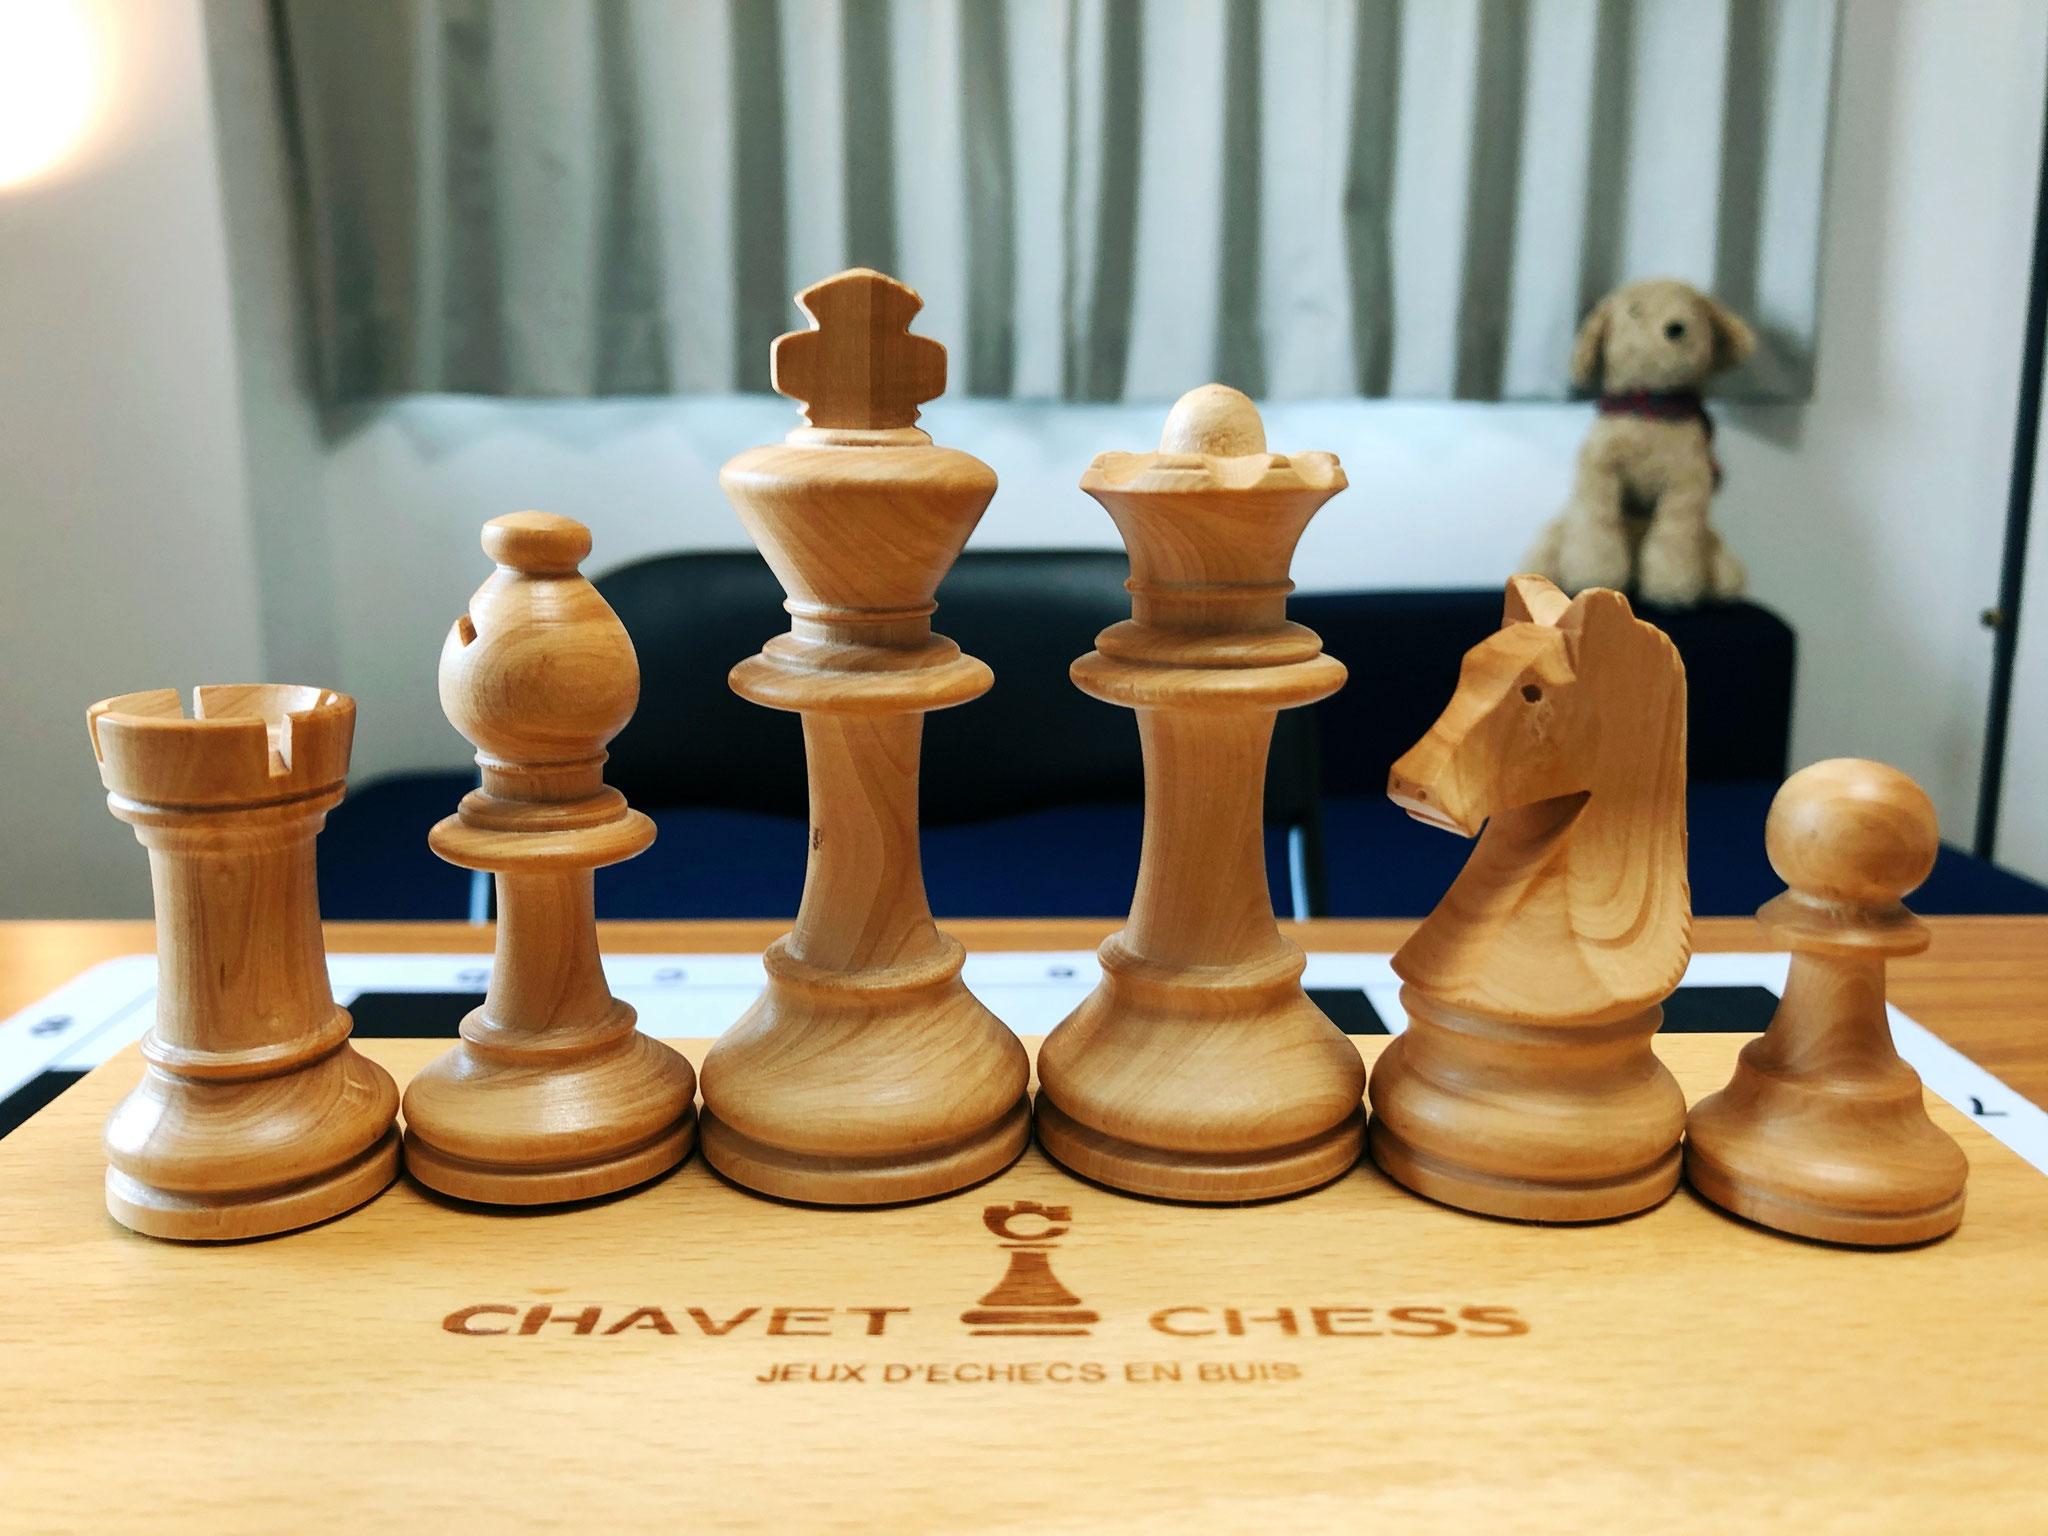 アンリ・シャべ社木製チェス駒は手触りがよく木目が美しい